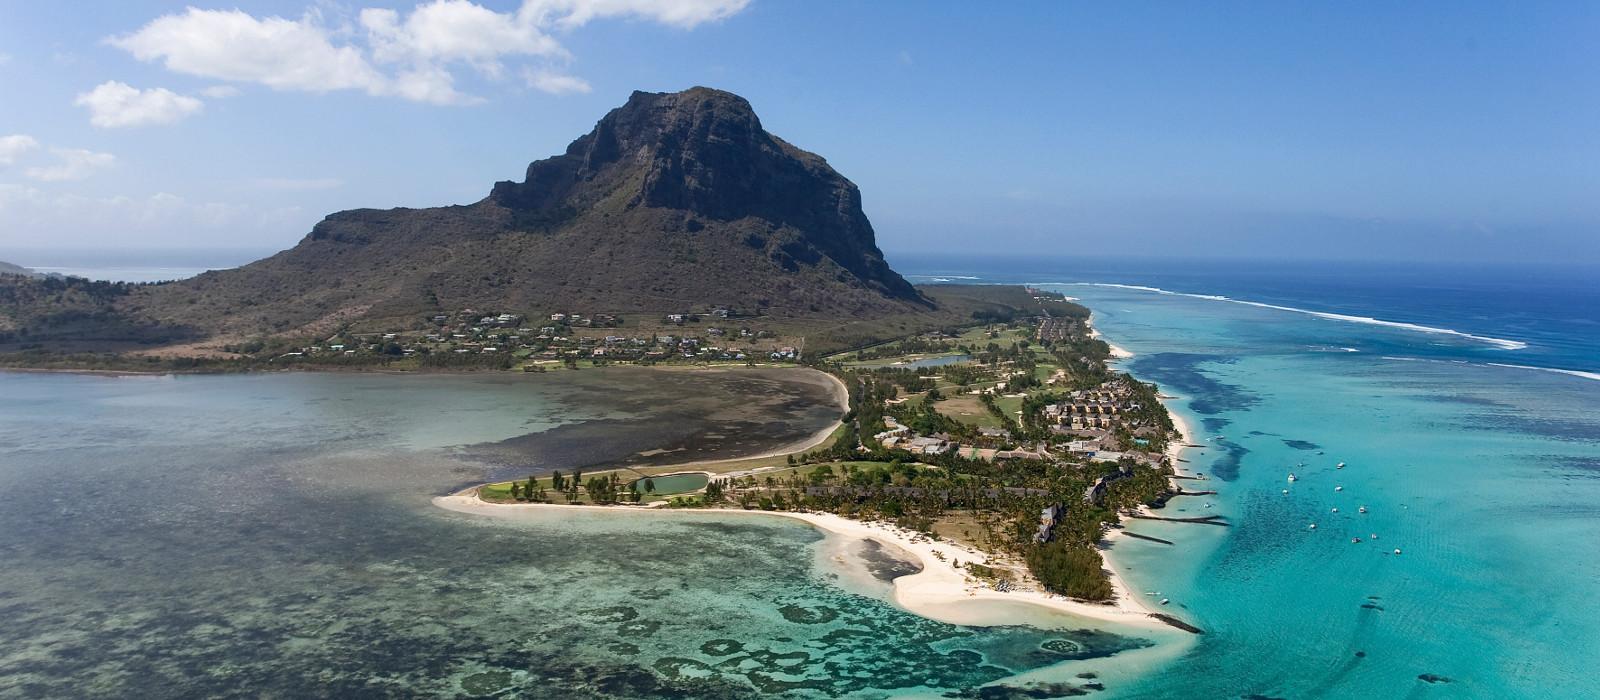 Destination Mauritius Islands Mauritius